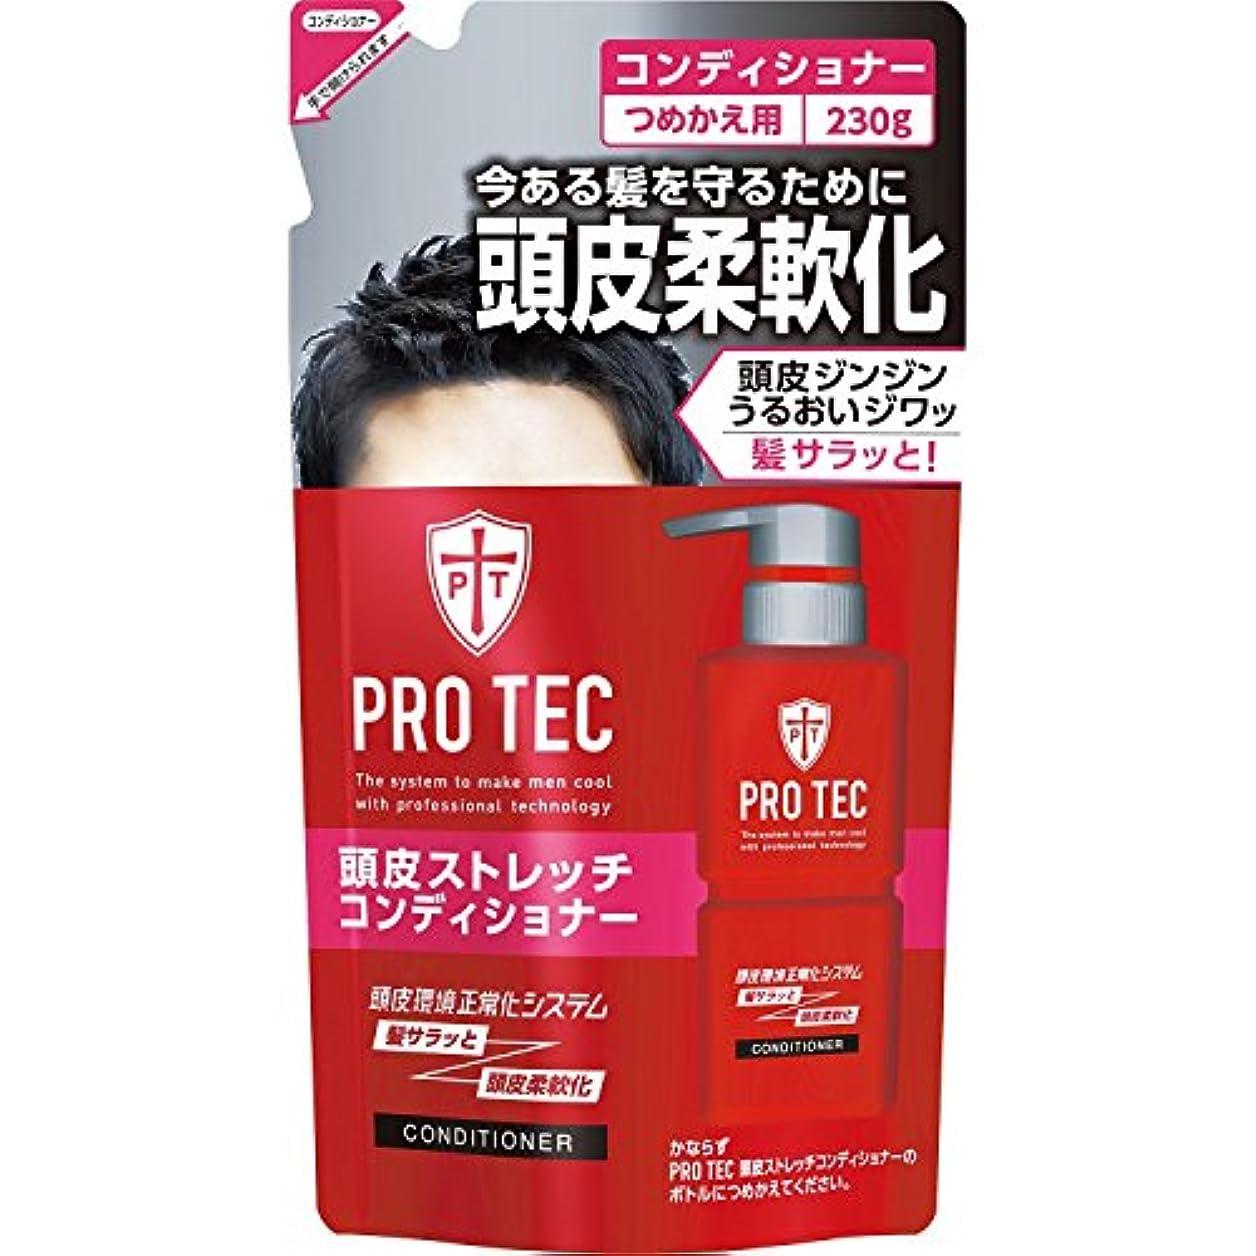 バーゲン用心深い不信PRO TEC(プロテク) 頭皮ストレッチ コンディショナー 詰め替え 230g